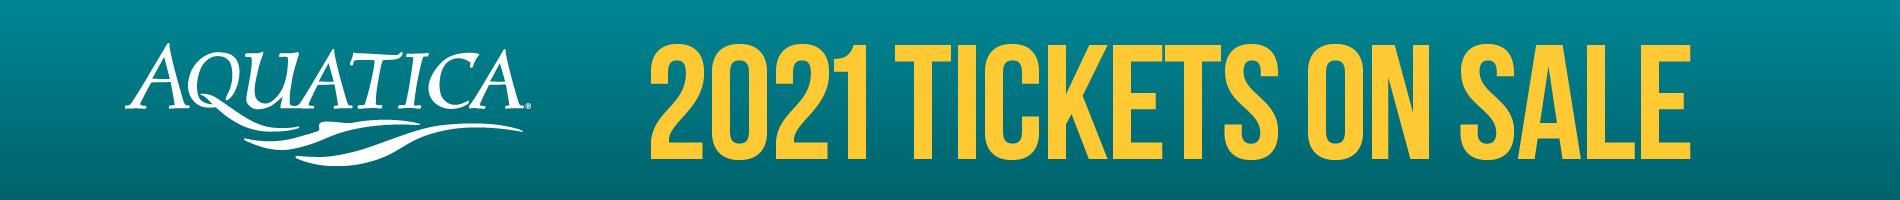 2021 Tickets